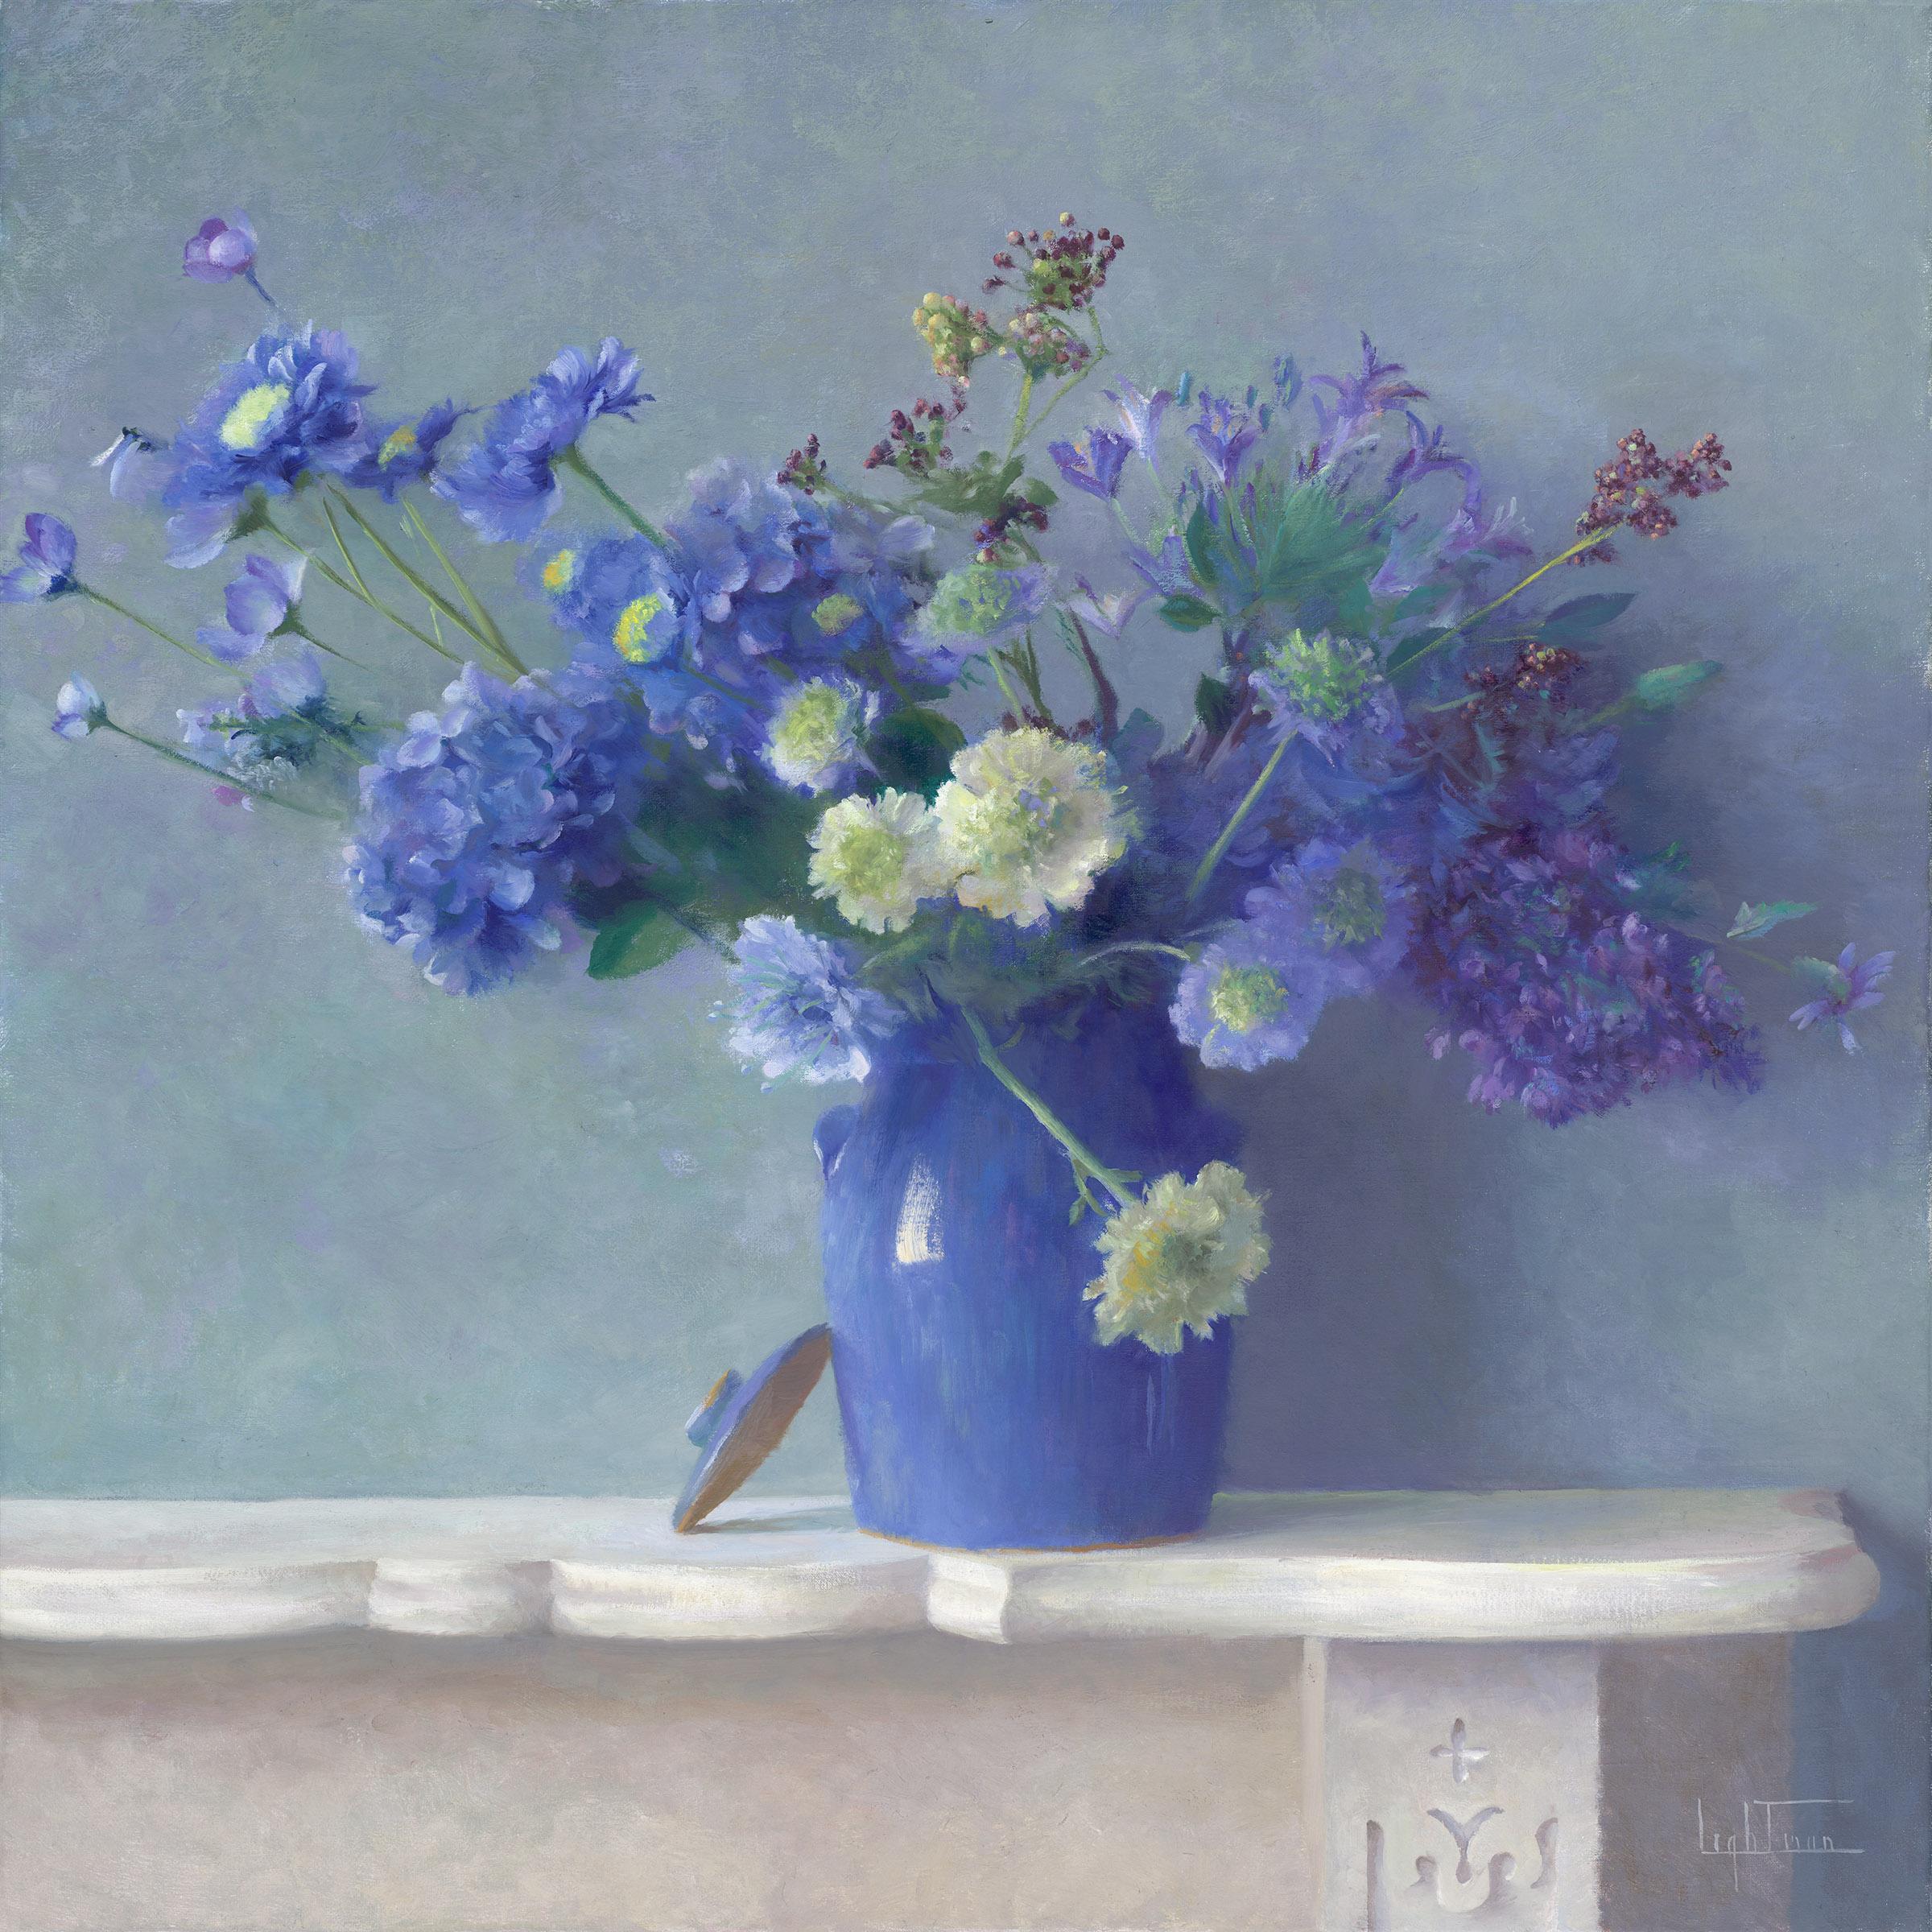 Hydrangeas, Pincushion Flowers, and Berries